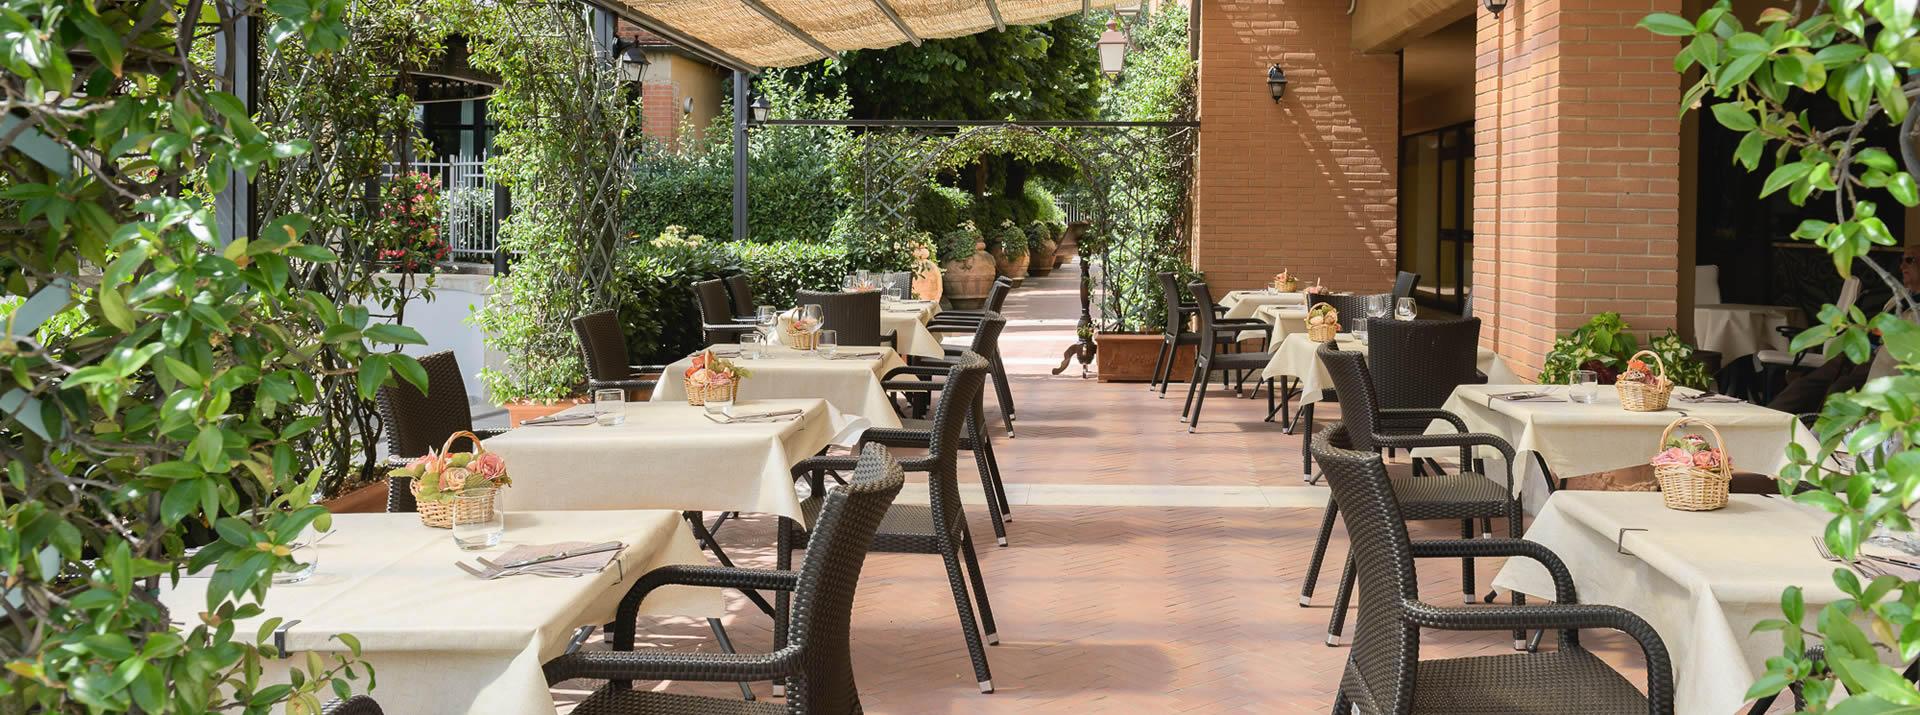 hotelsangregorio en restaurant-in-pienza 005